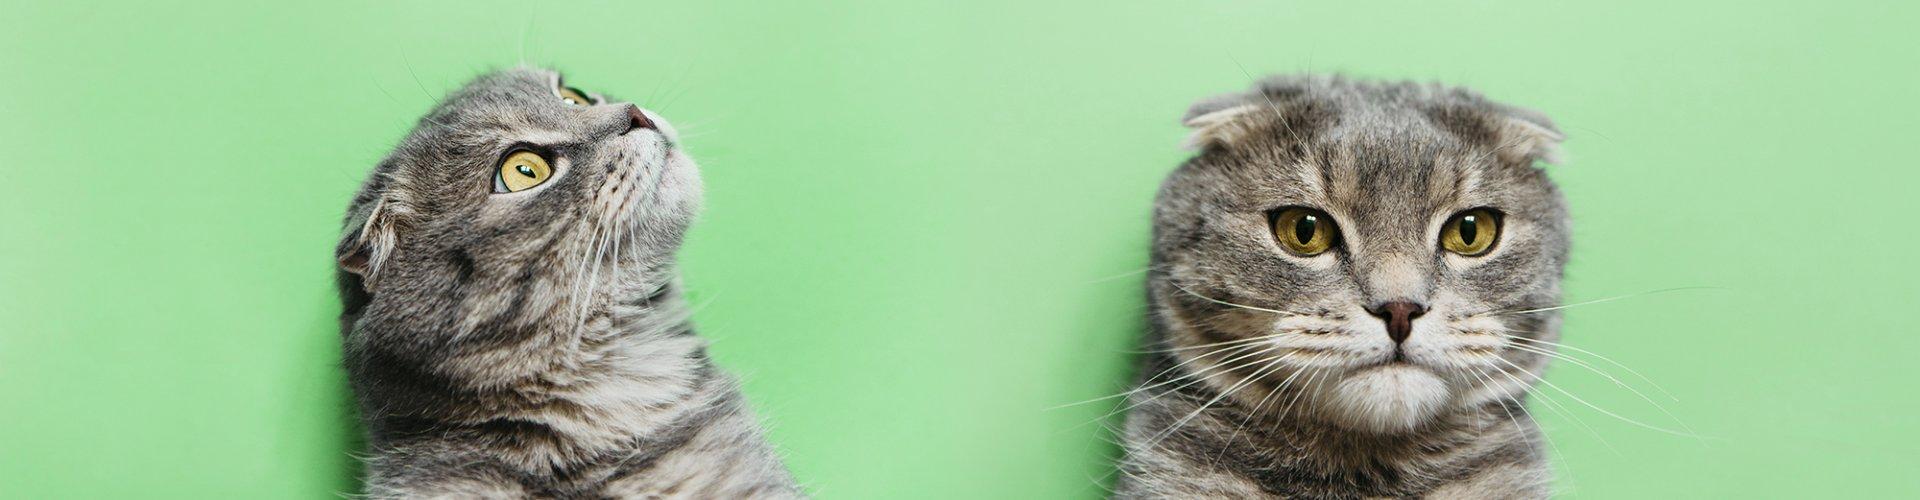 кот, сберкот, сбербанк